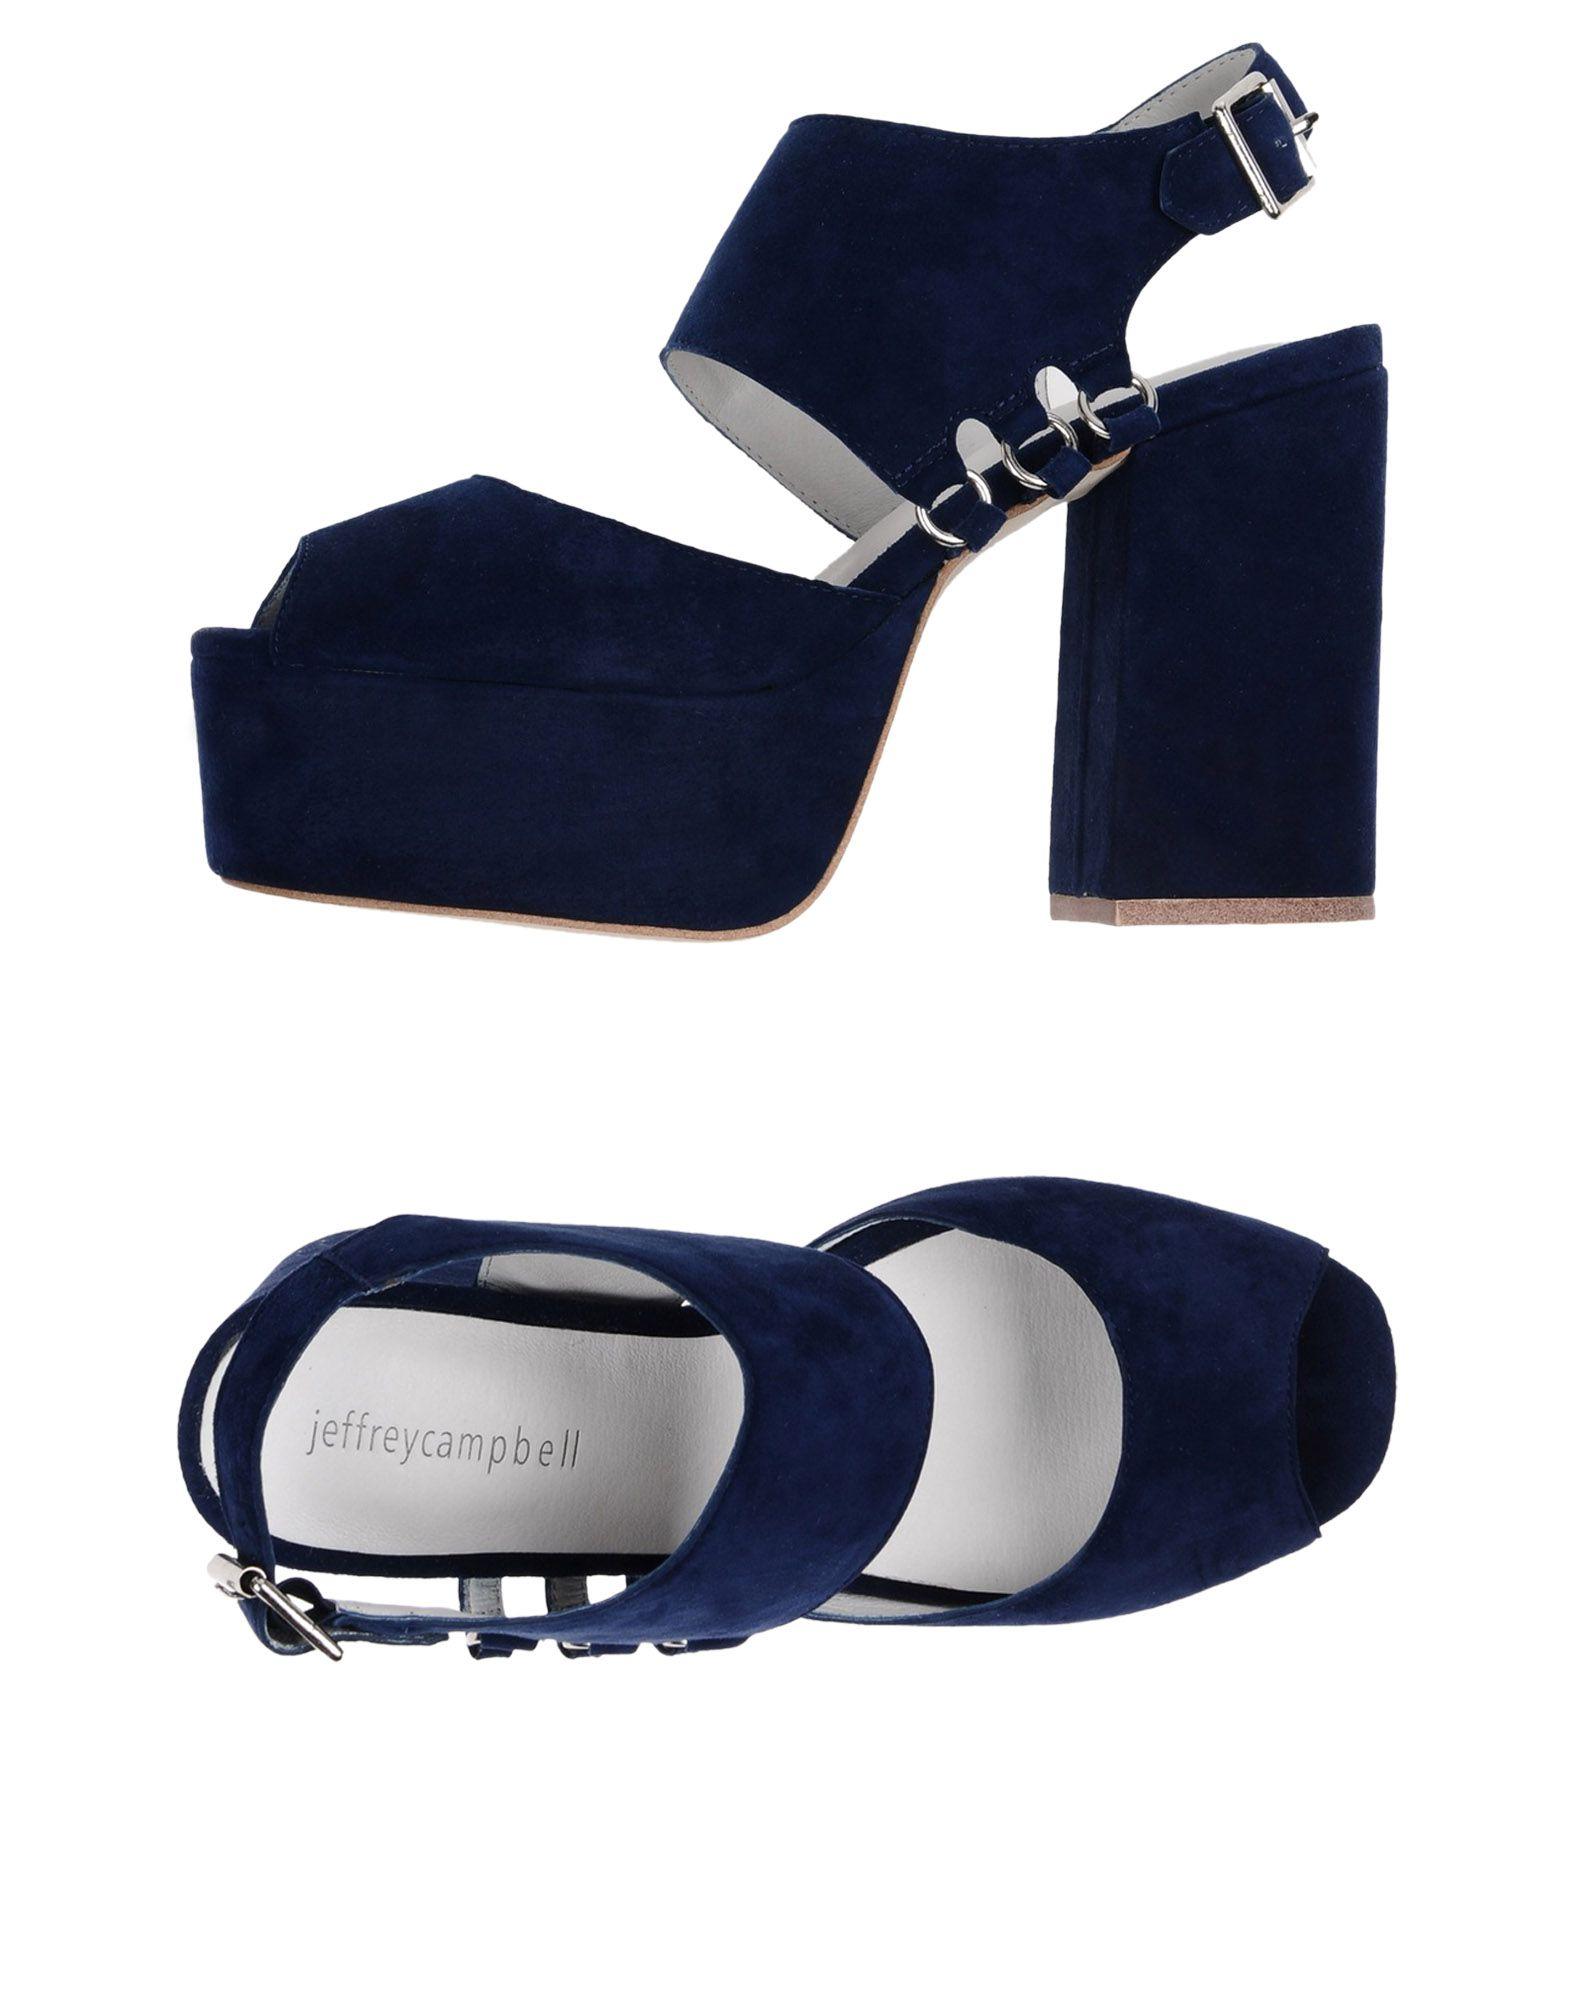 Jeffrey Campbell Sandalen Damen  11242848TO Gute Qualität beliebte Schuhe